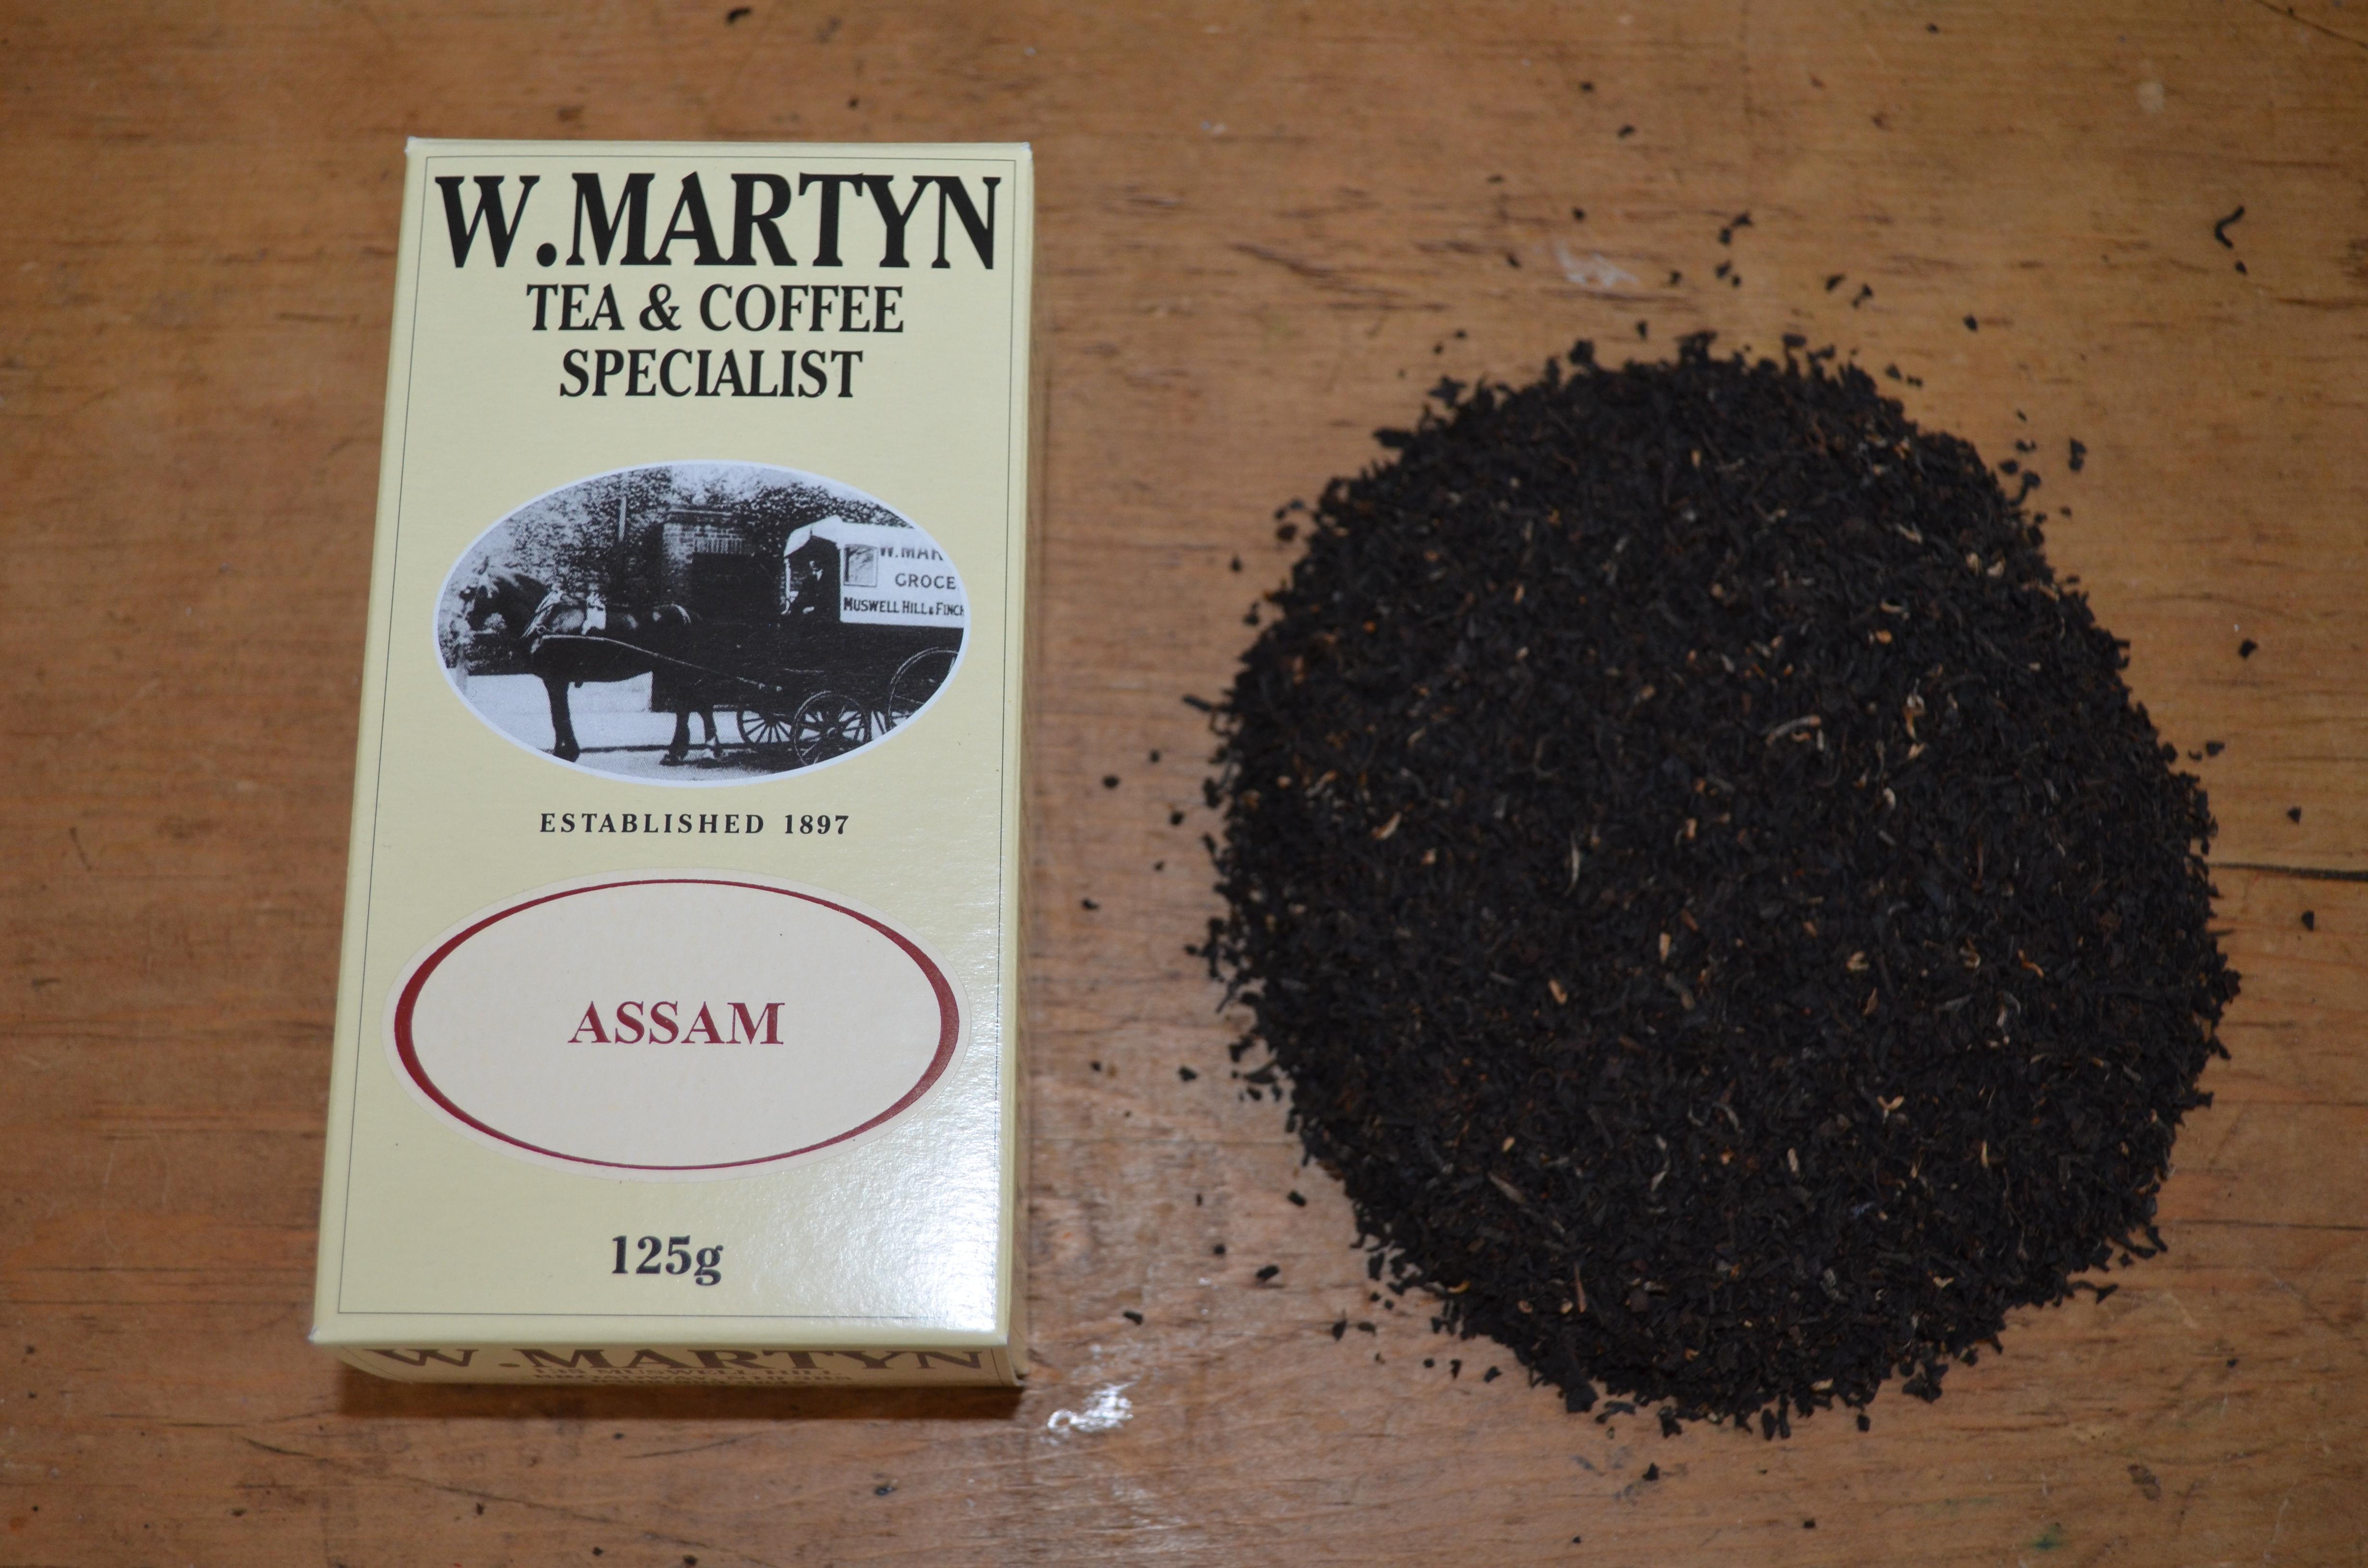 WMartyn Assam Tea